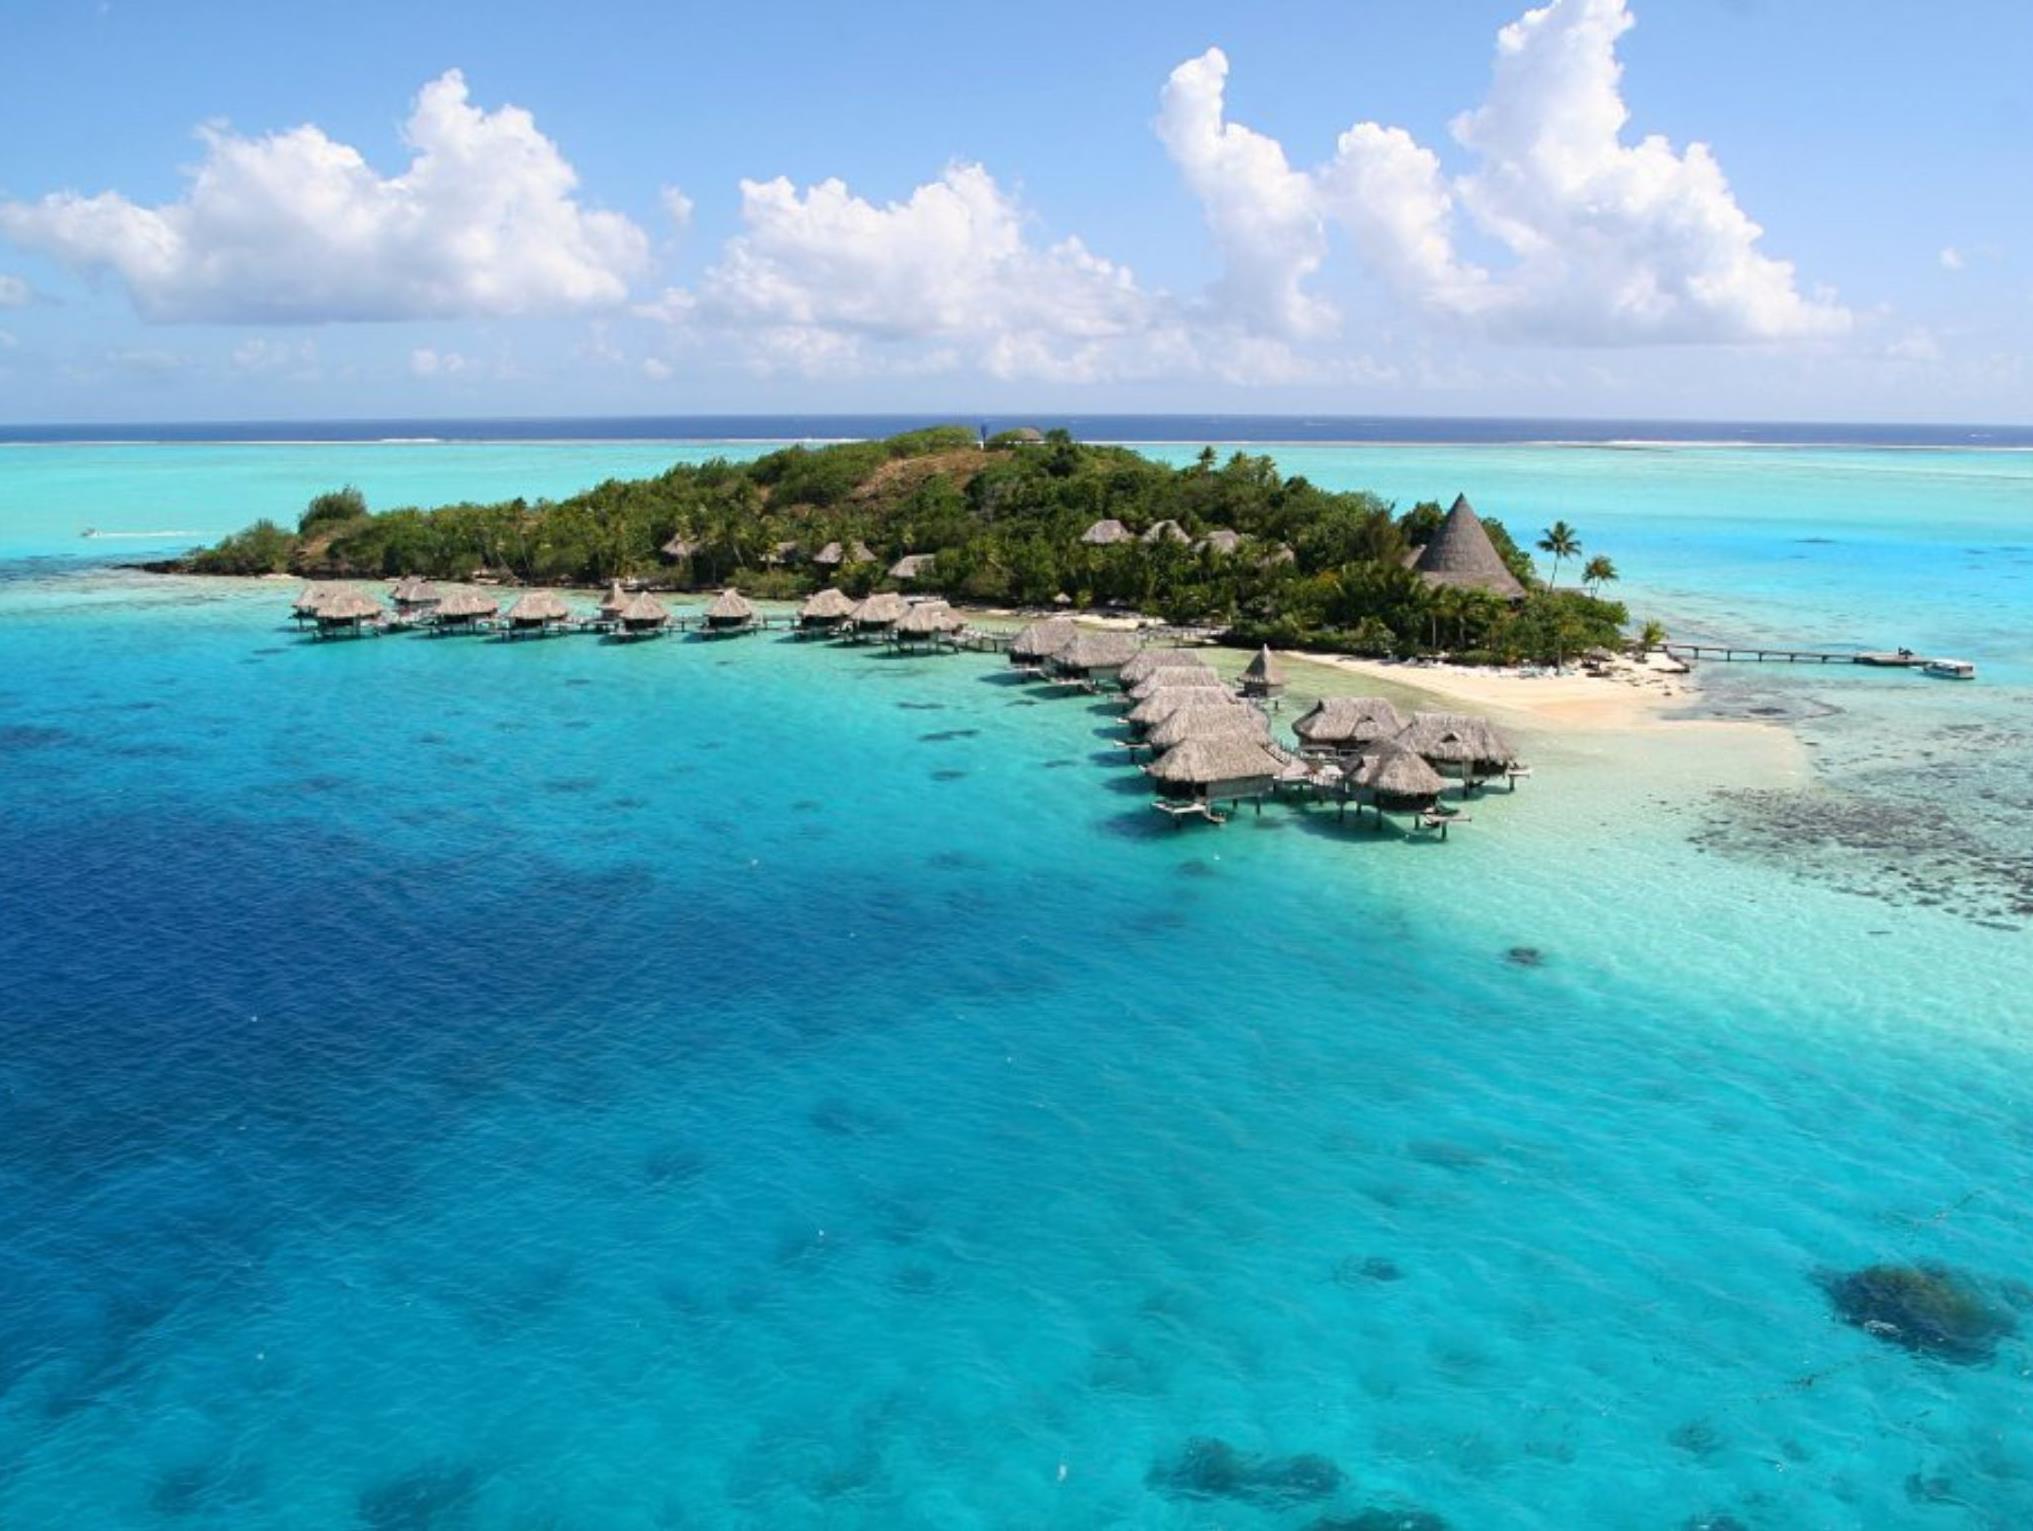 Bora Private Sofitel 129 Island Bora